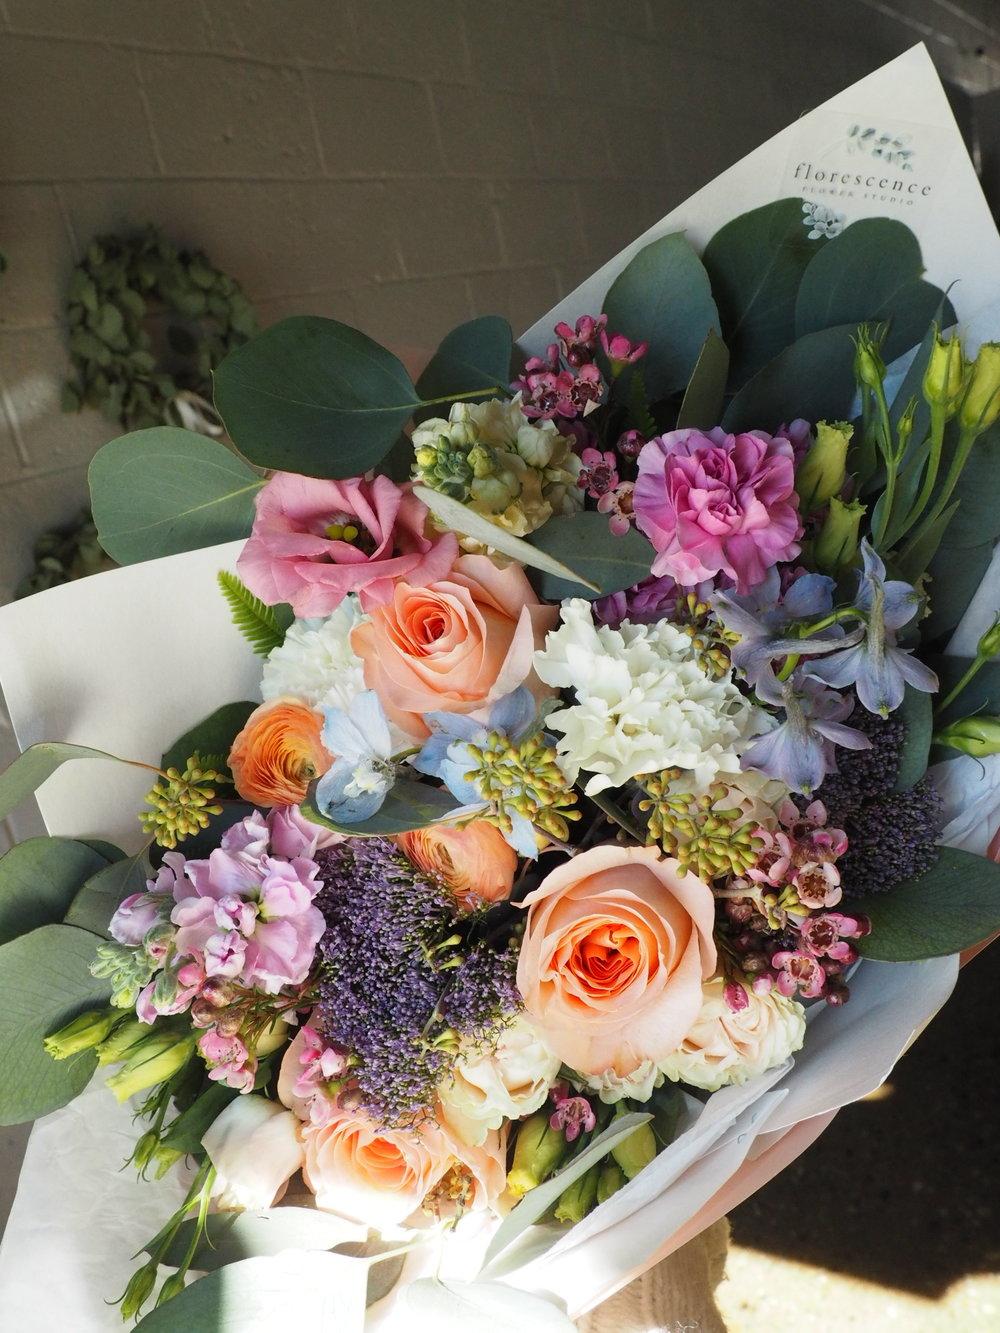 Florescence Vibrant Bouquet